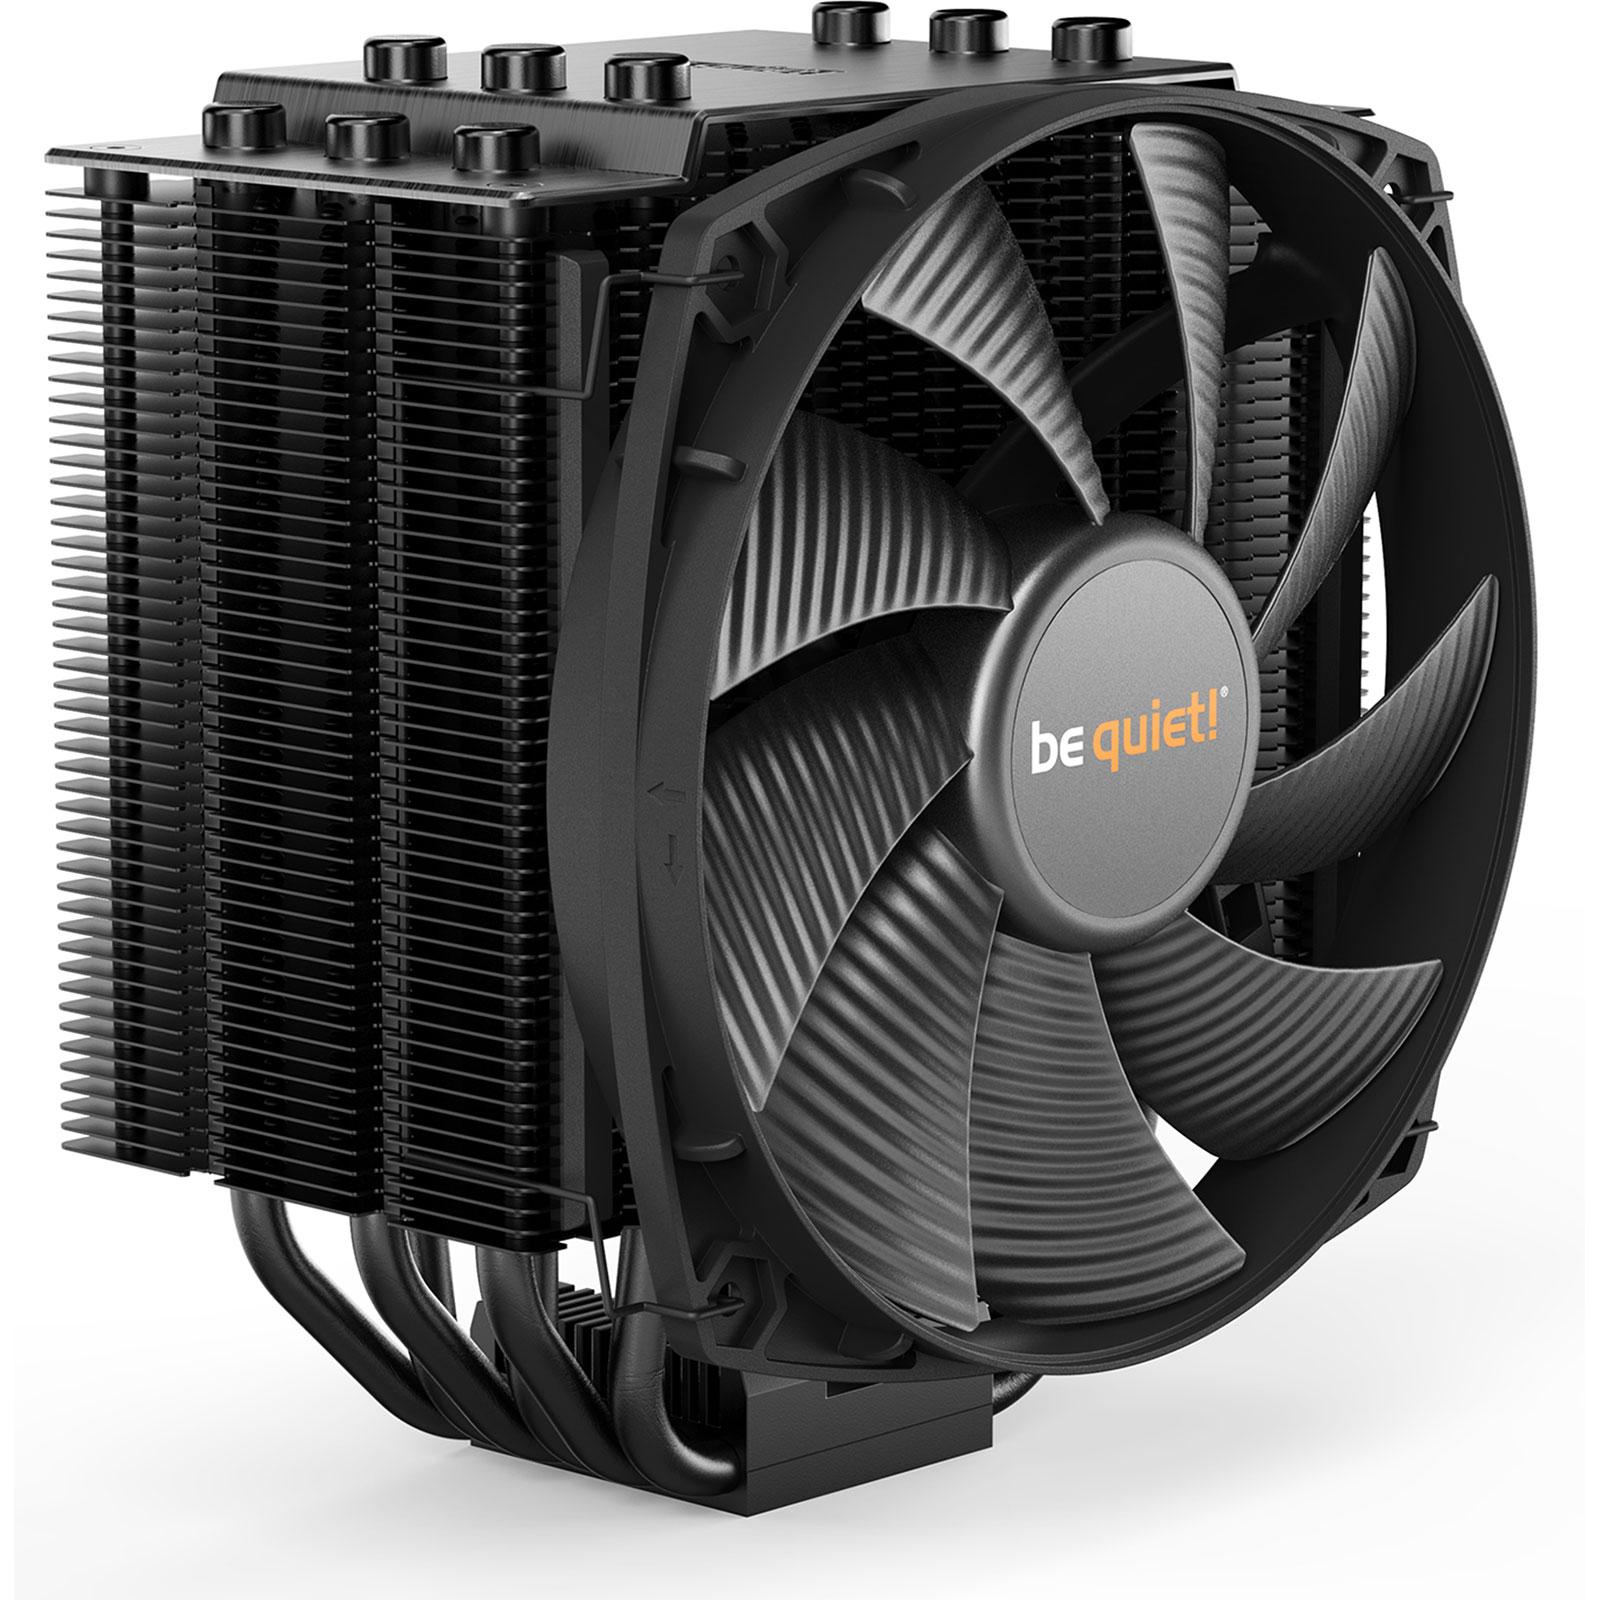 Ventilateur processeur be quiet! Dark Rock 4 Ventilateur de processeur (pour Socket AMD AM2/AM2+/AM3/AM3+/AM4/FM1/FM2 et INTEL LGA 1150/1151/1155/1156/1366/2011)